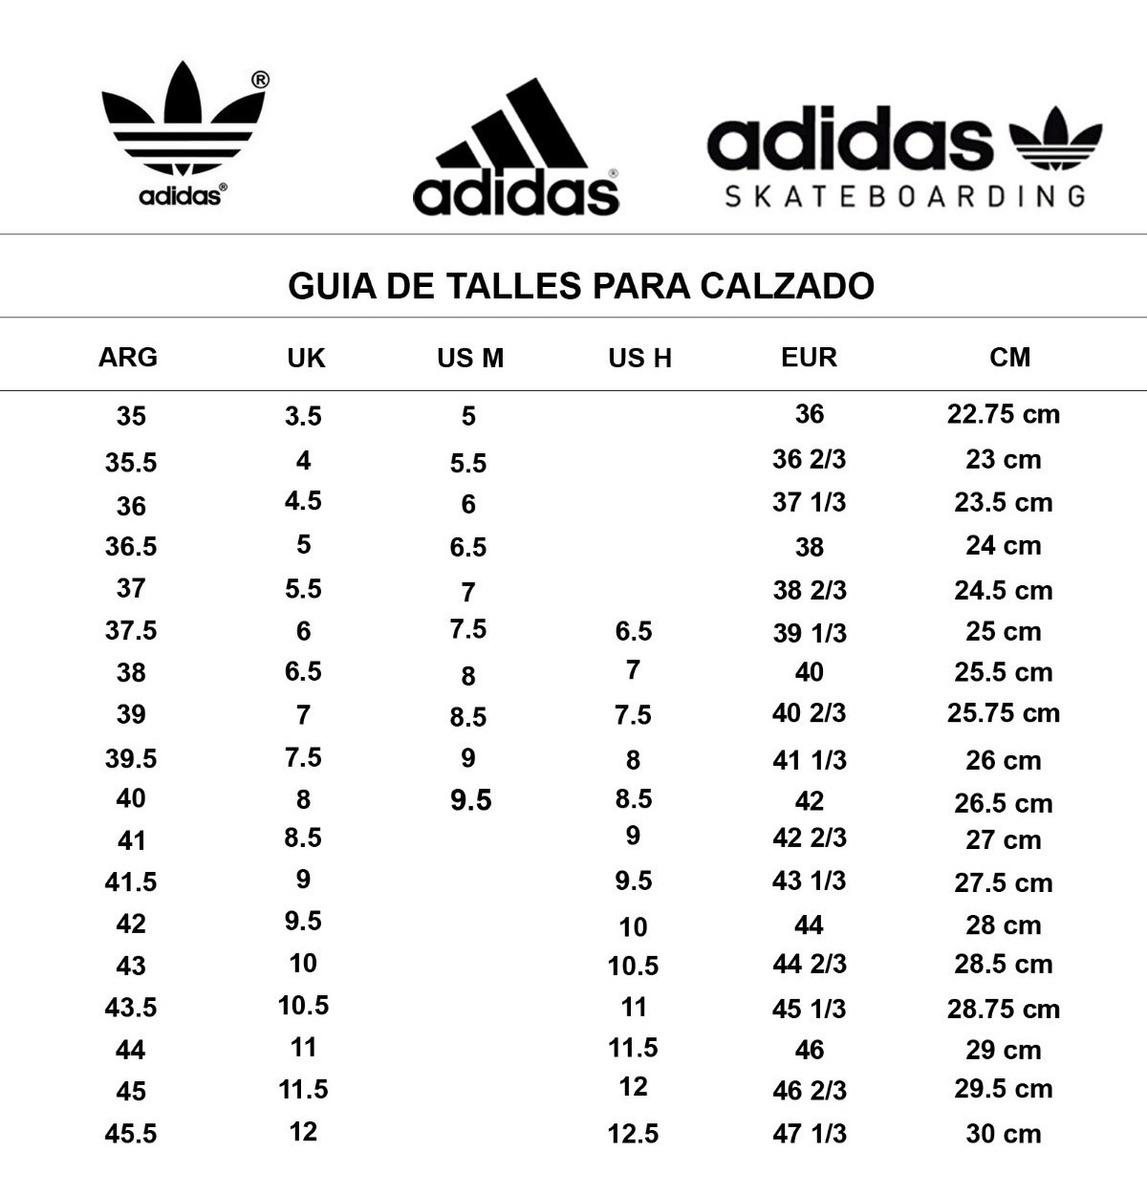 adidas Plr Brand Sports Originals Zapatillas X Hombre 3RL5A4j